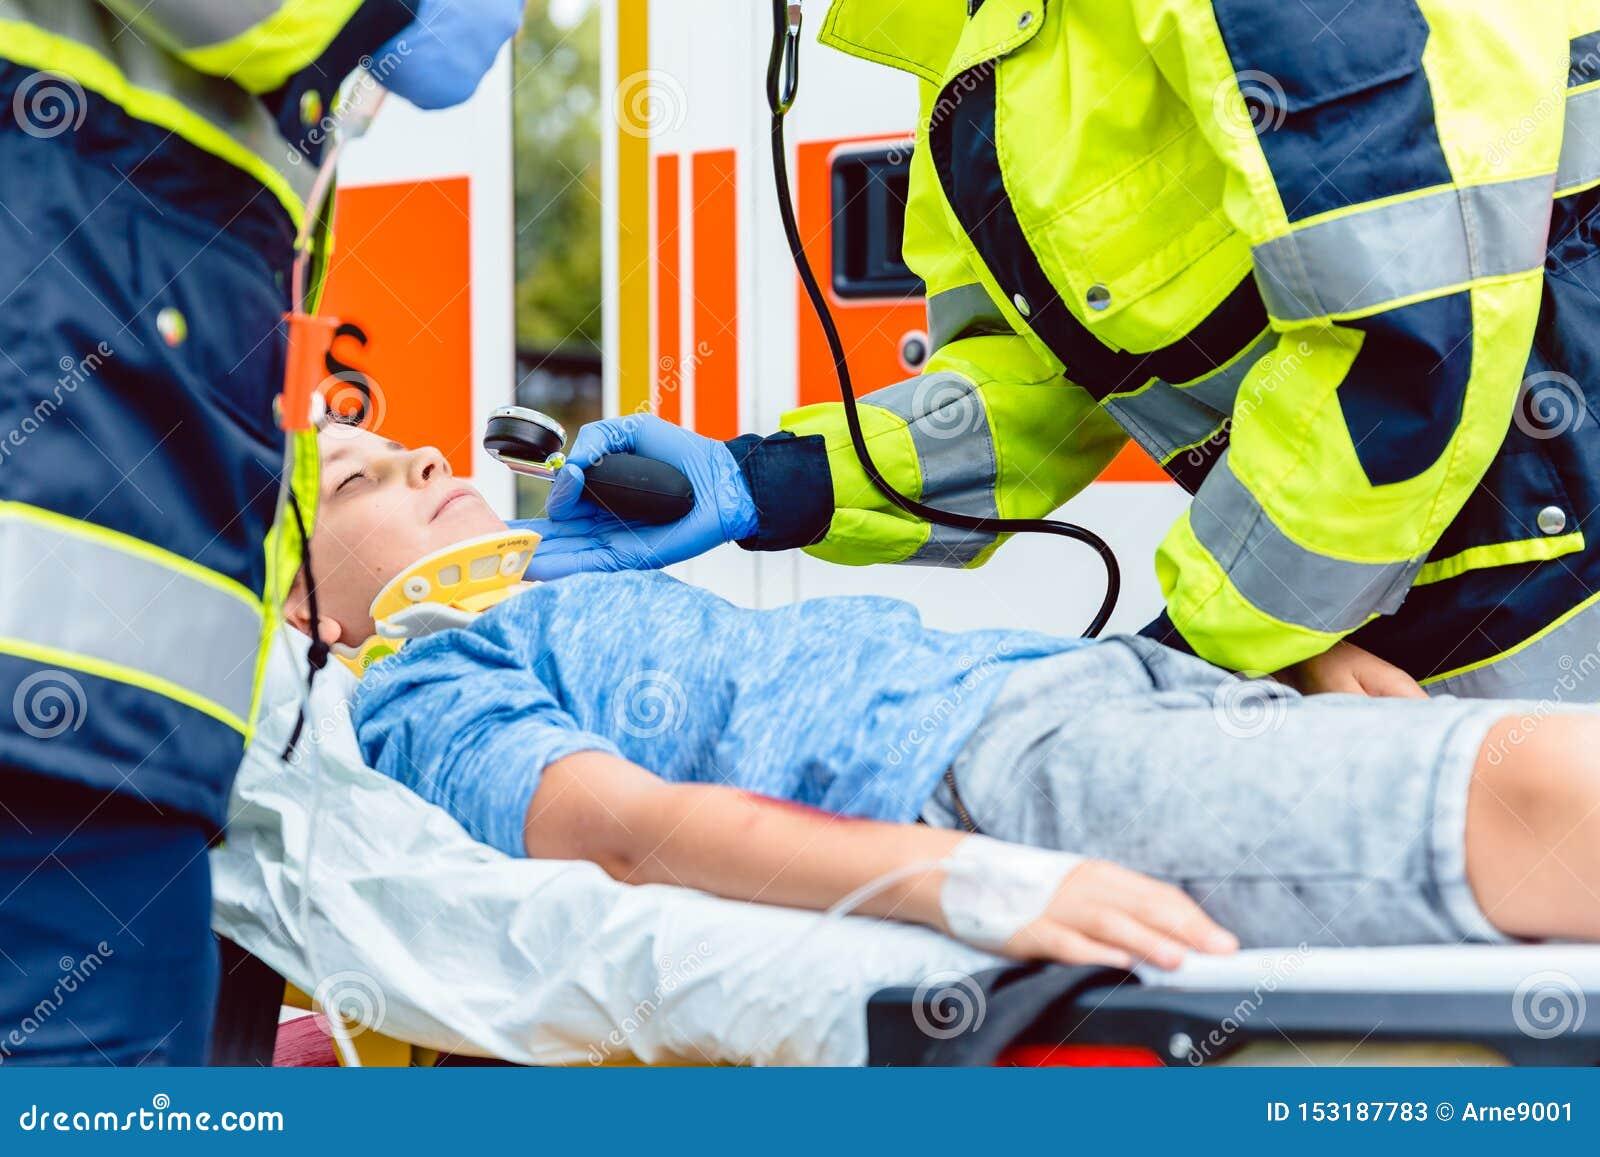 Paramedici che misurano pressione sanguigna del ragazzo danneggiato